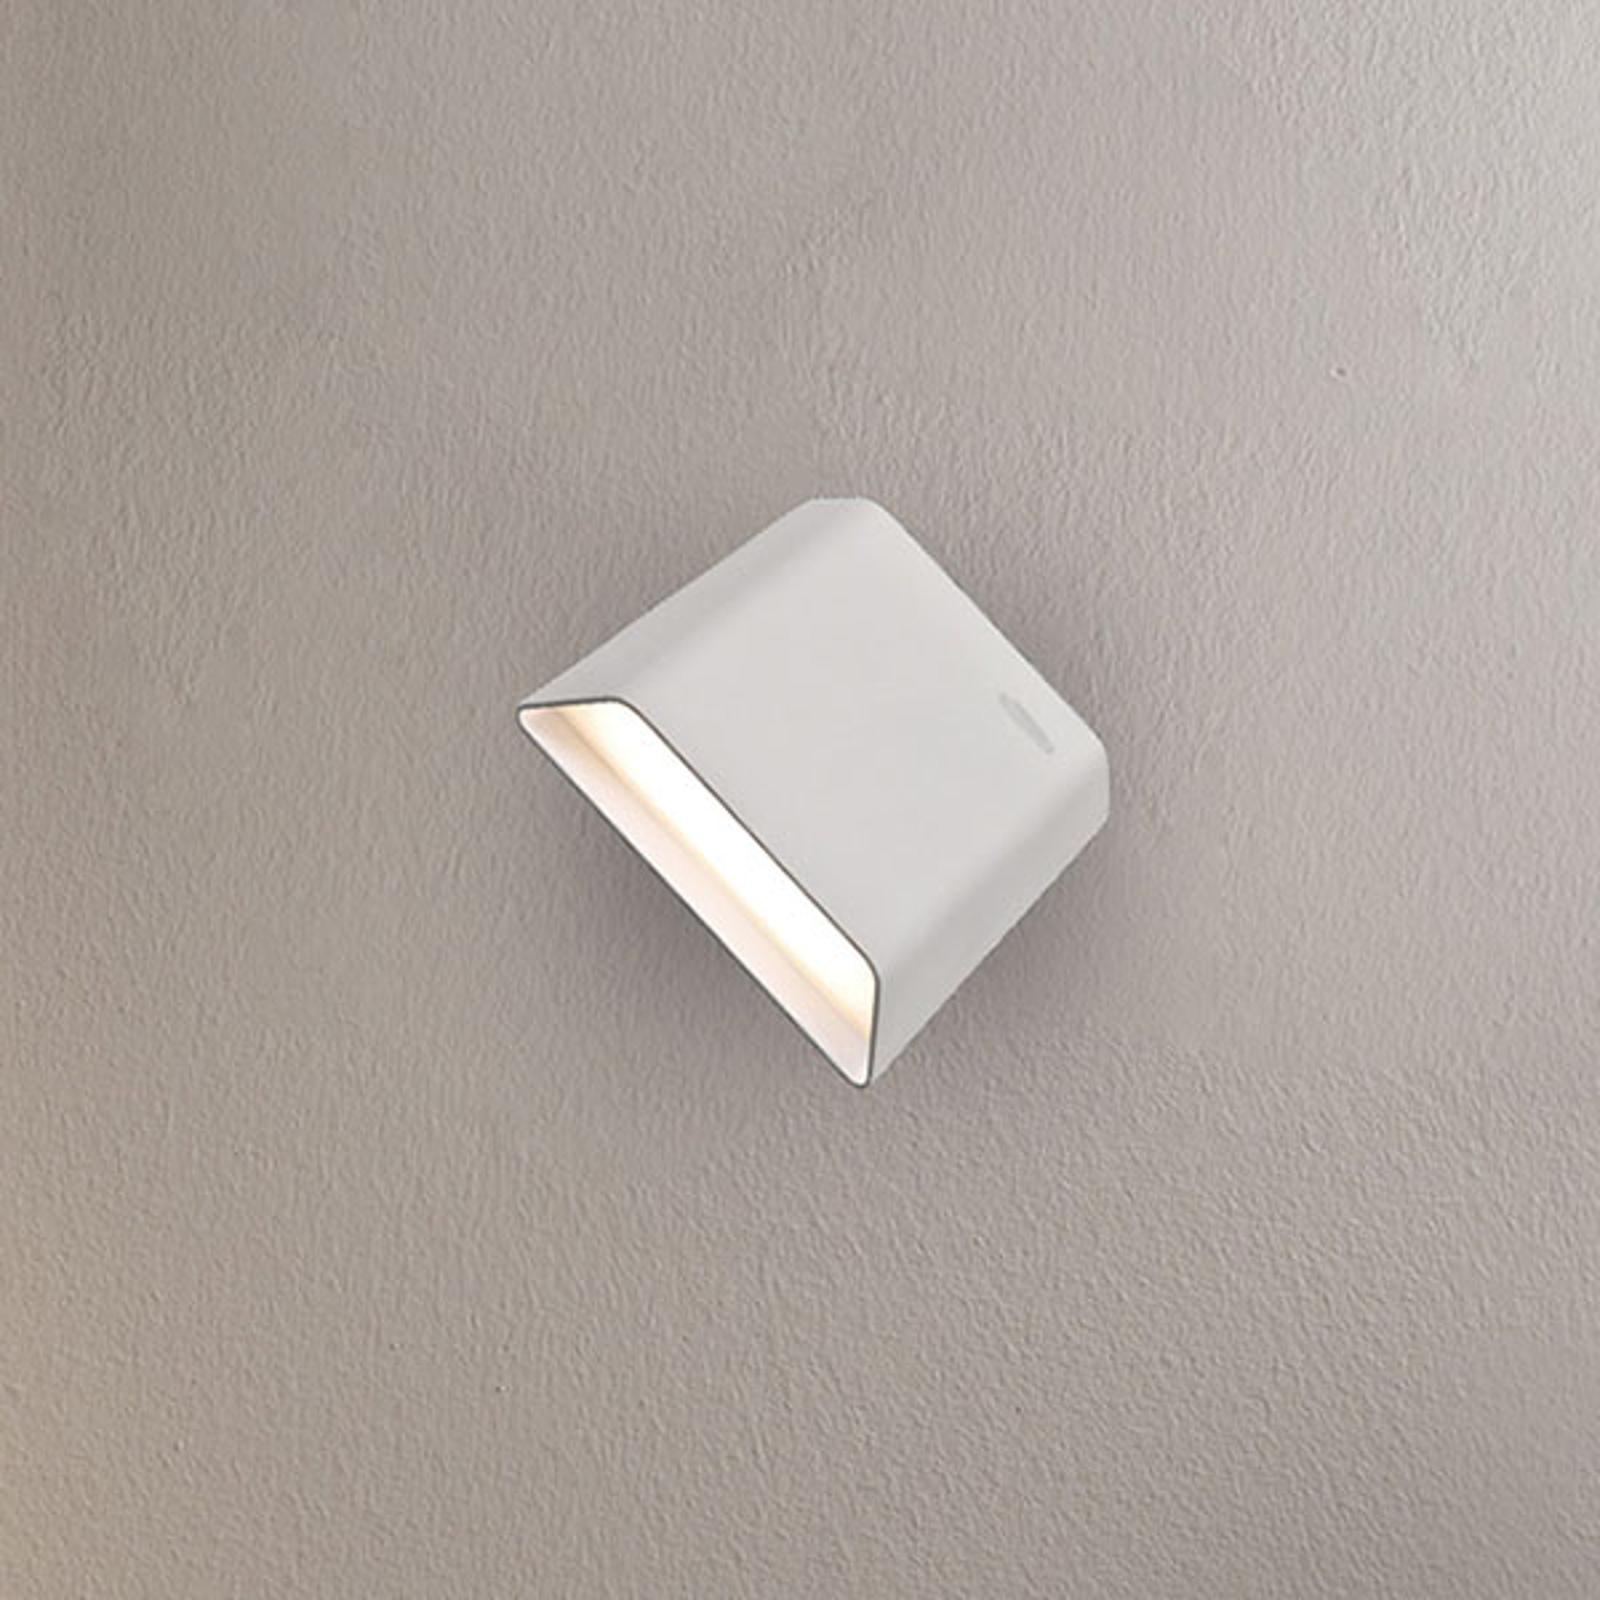 LED wandlamp Biak, draai- en kantelbaar, wit